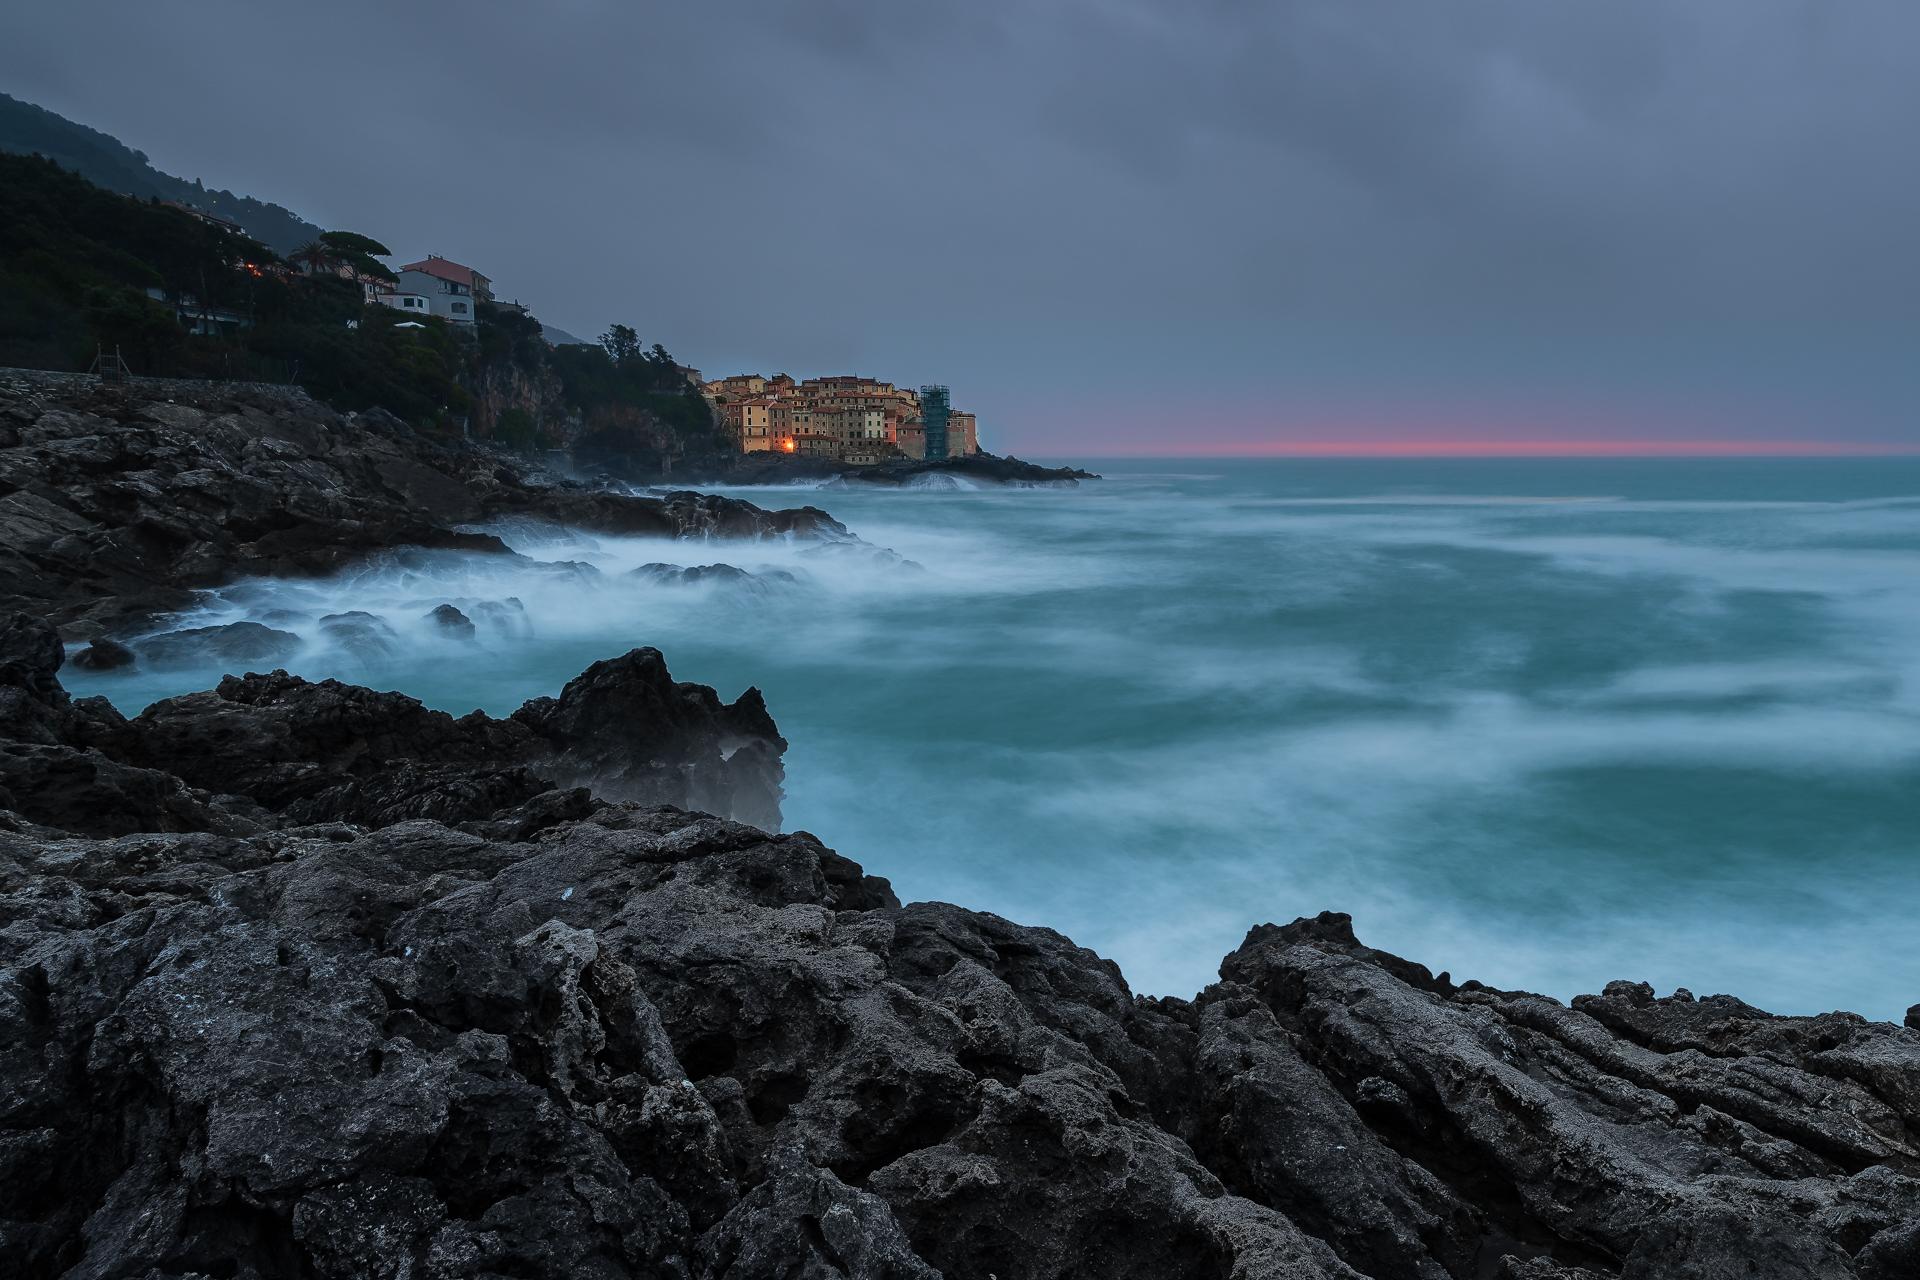 TELLARO - Fotografia di Massimiliano Ferrari